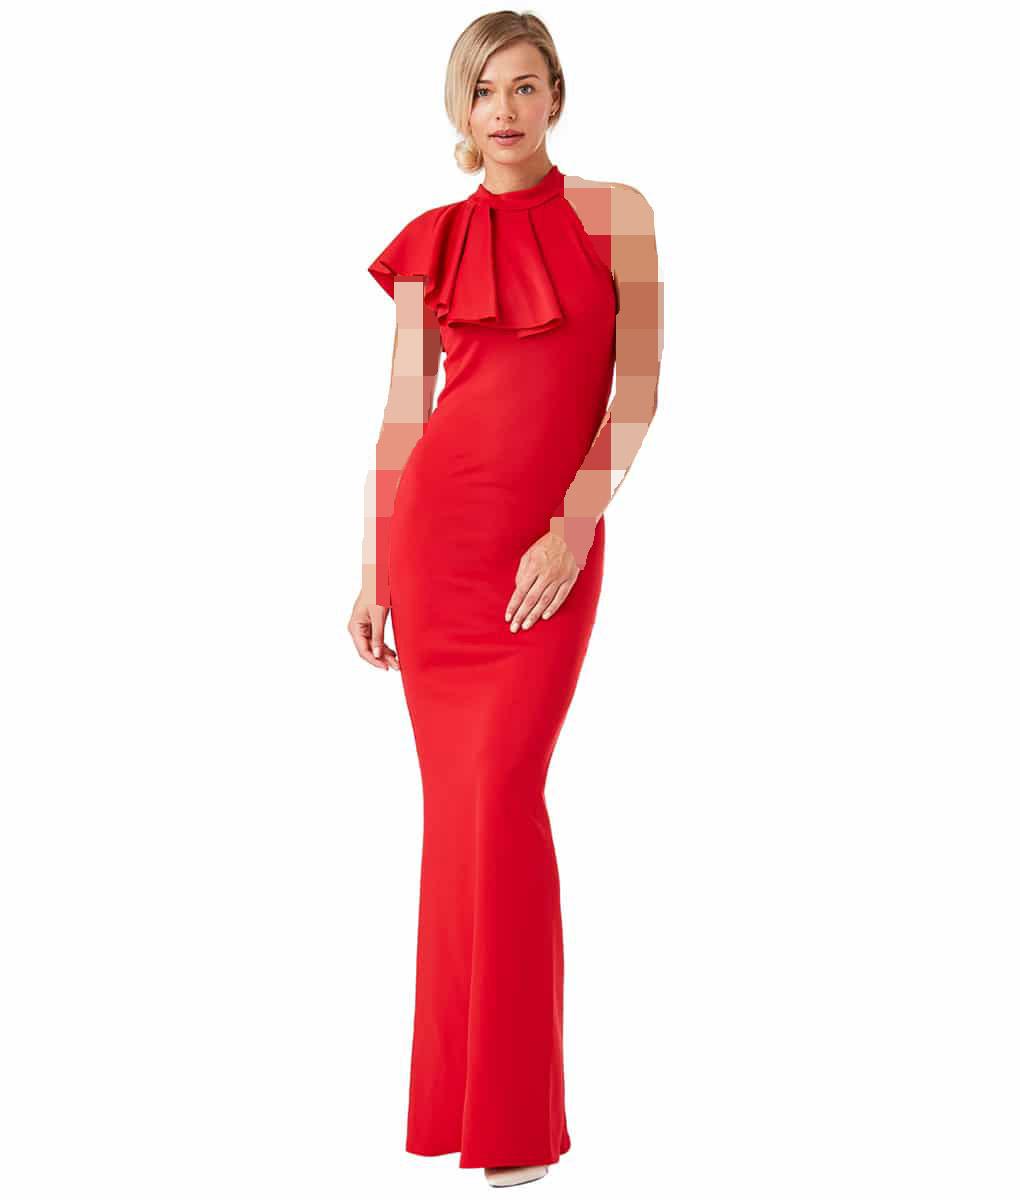 لباس مجلسی قرمز و هایلایت روشن